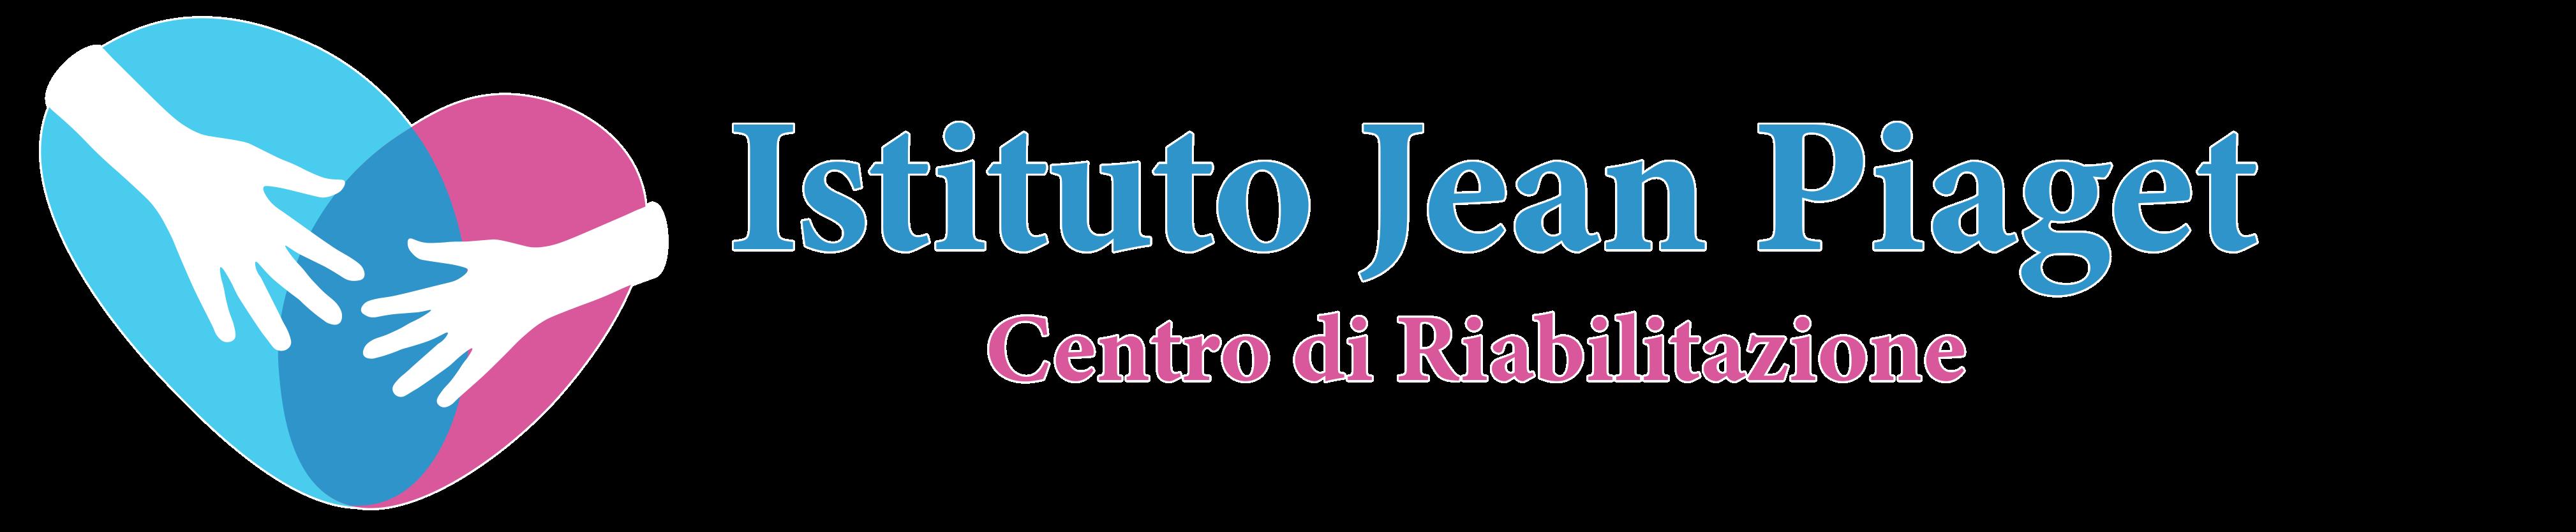 Centro di Riabilitazione Neuromotoria ISTITUTO JEAN PIAGET s.r.l. – Napoli